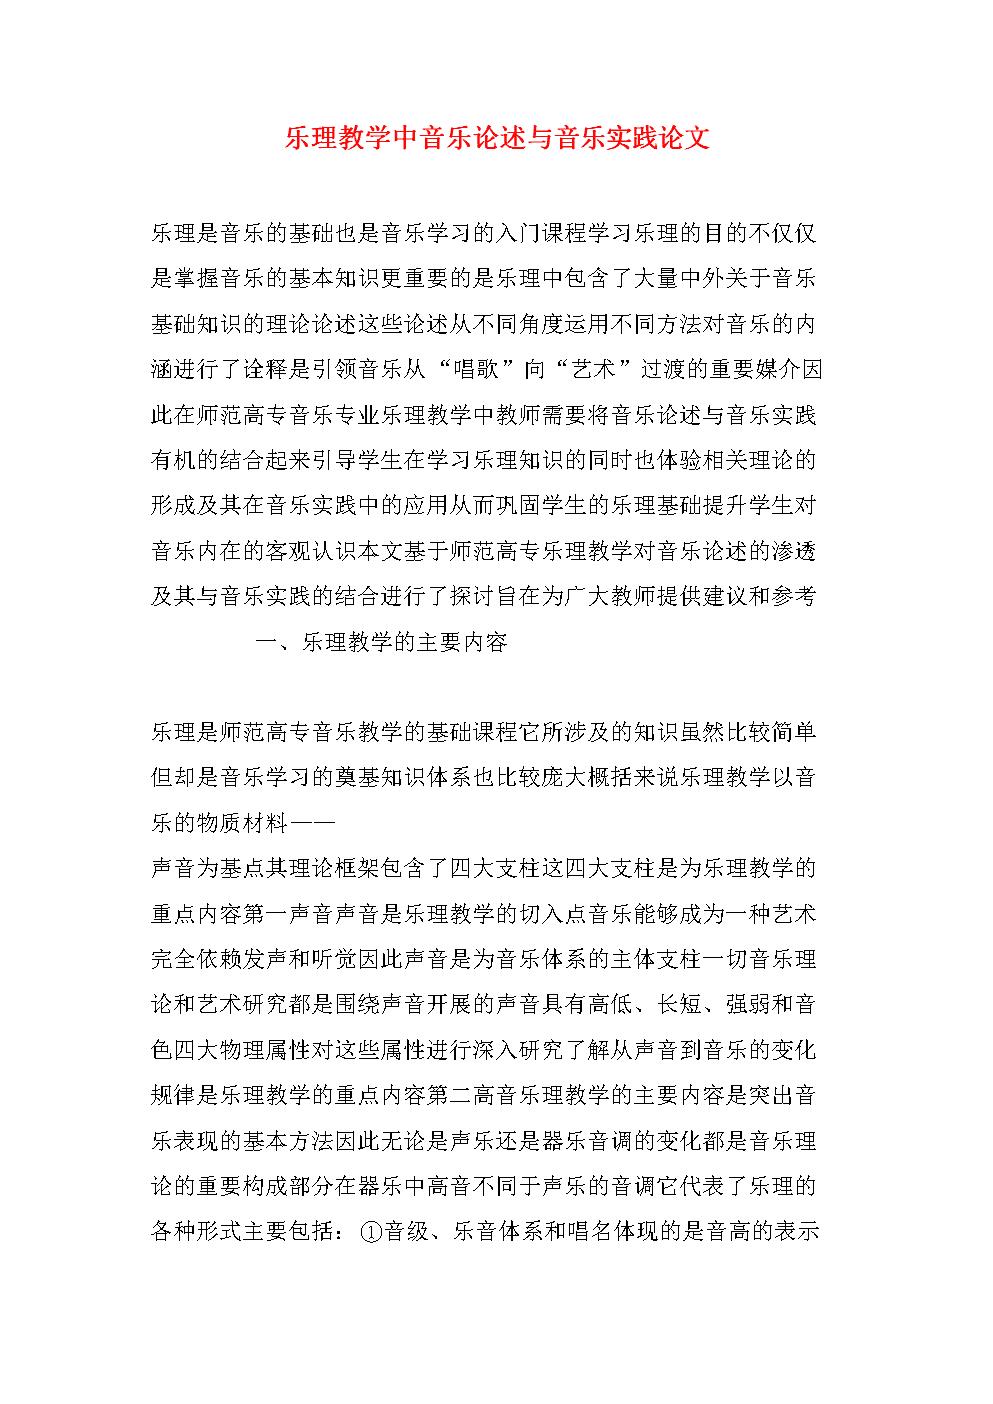 樂理教學中音樂論述與音樂實踐論文.doc